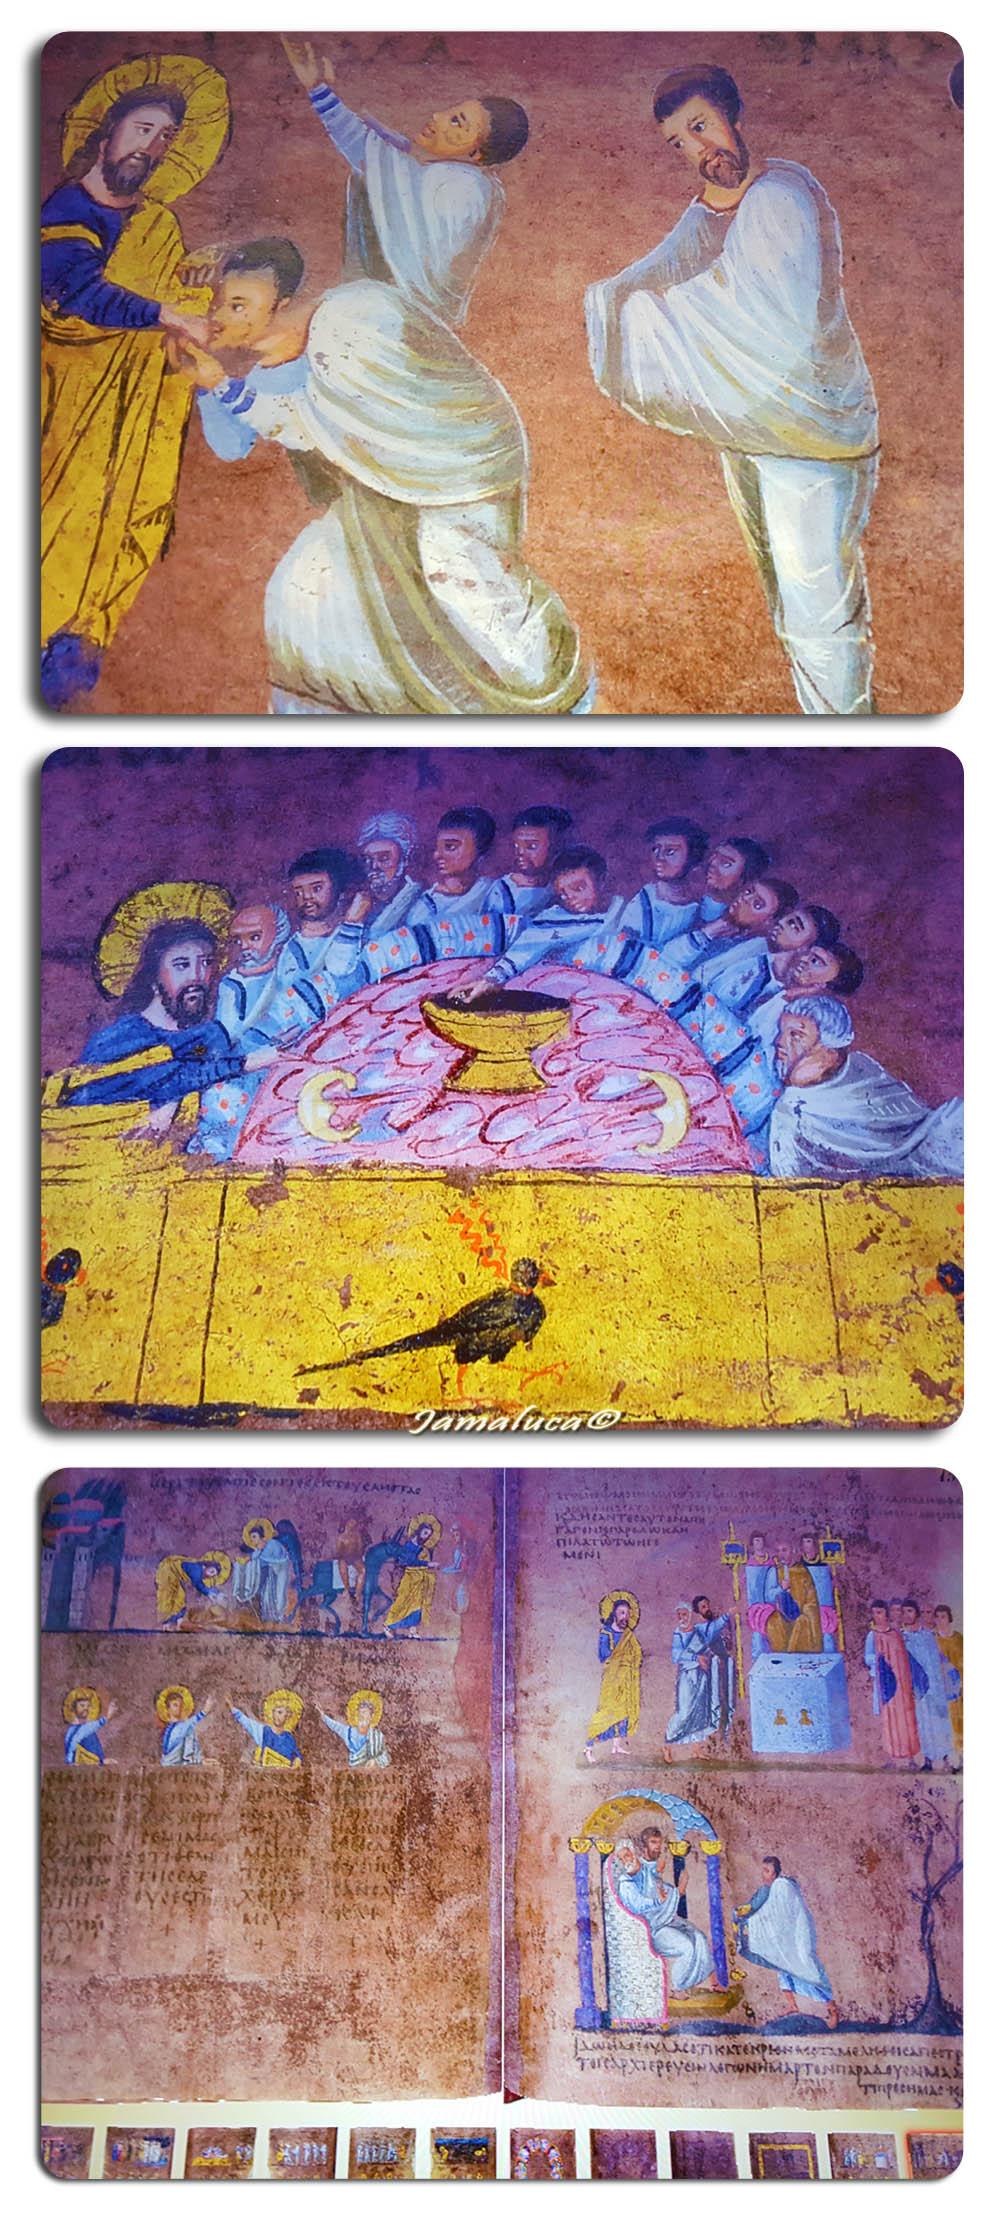 il codex purpureus rossanensis